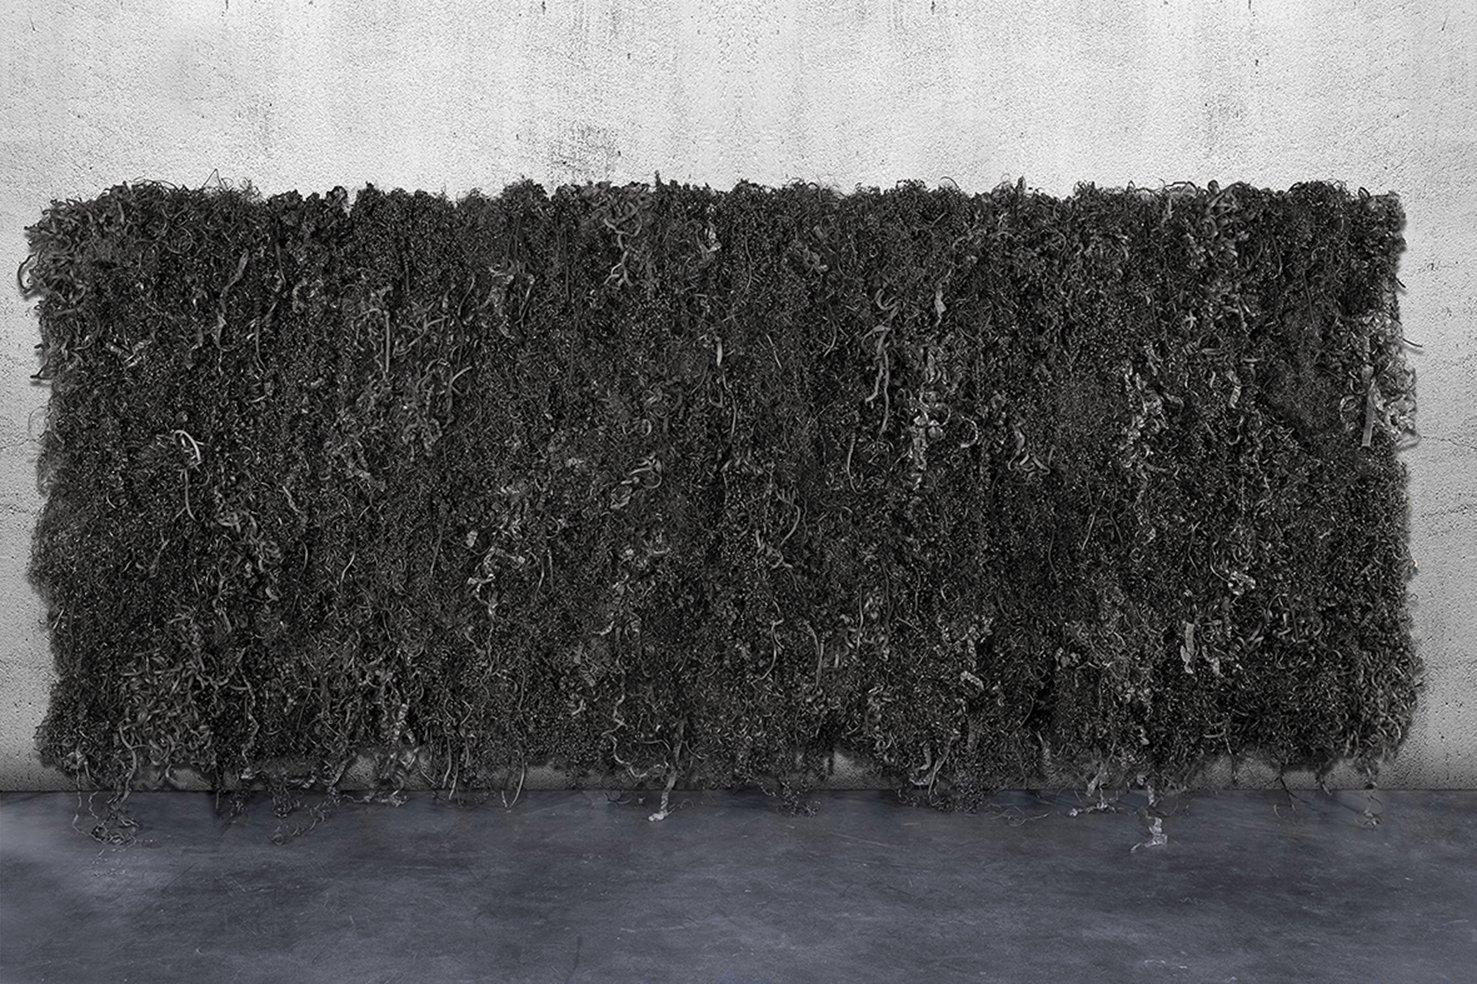 Francesca Pasquali, Plastic Plot, 2017, mixed media, 157,48 x 66,93 x 7,87 inch